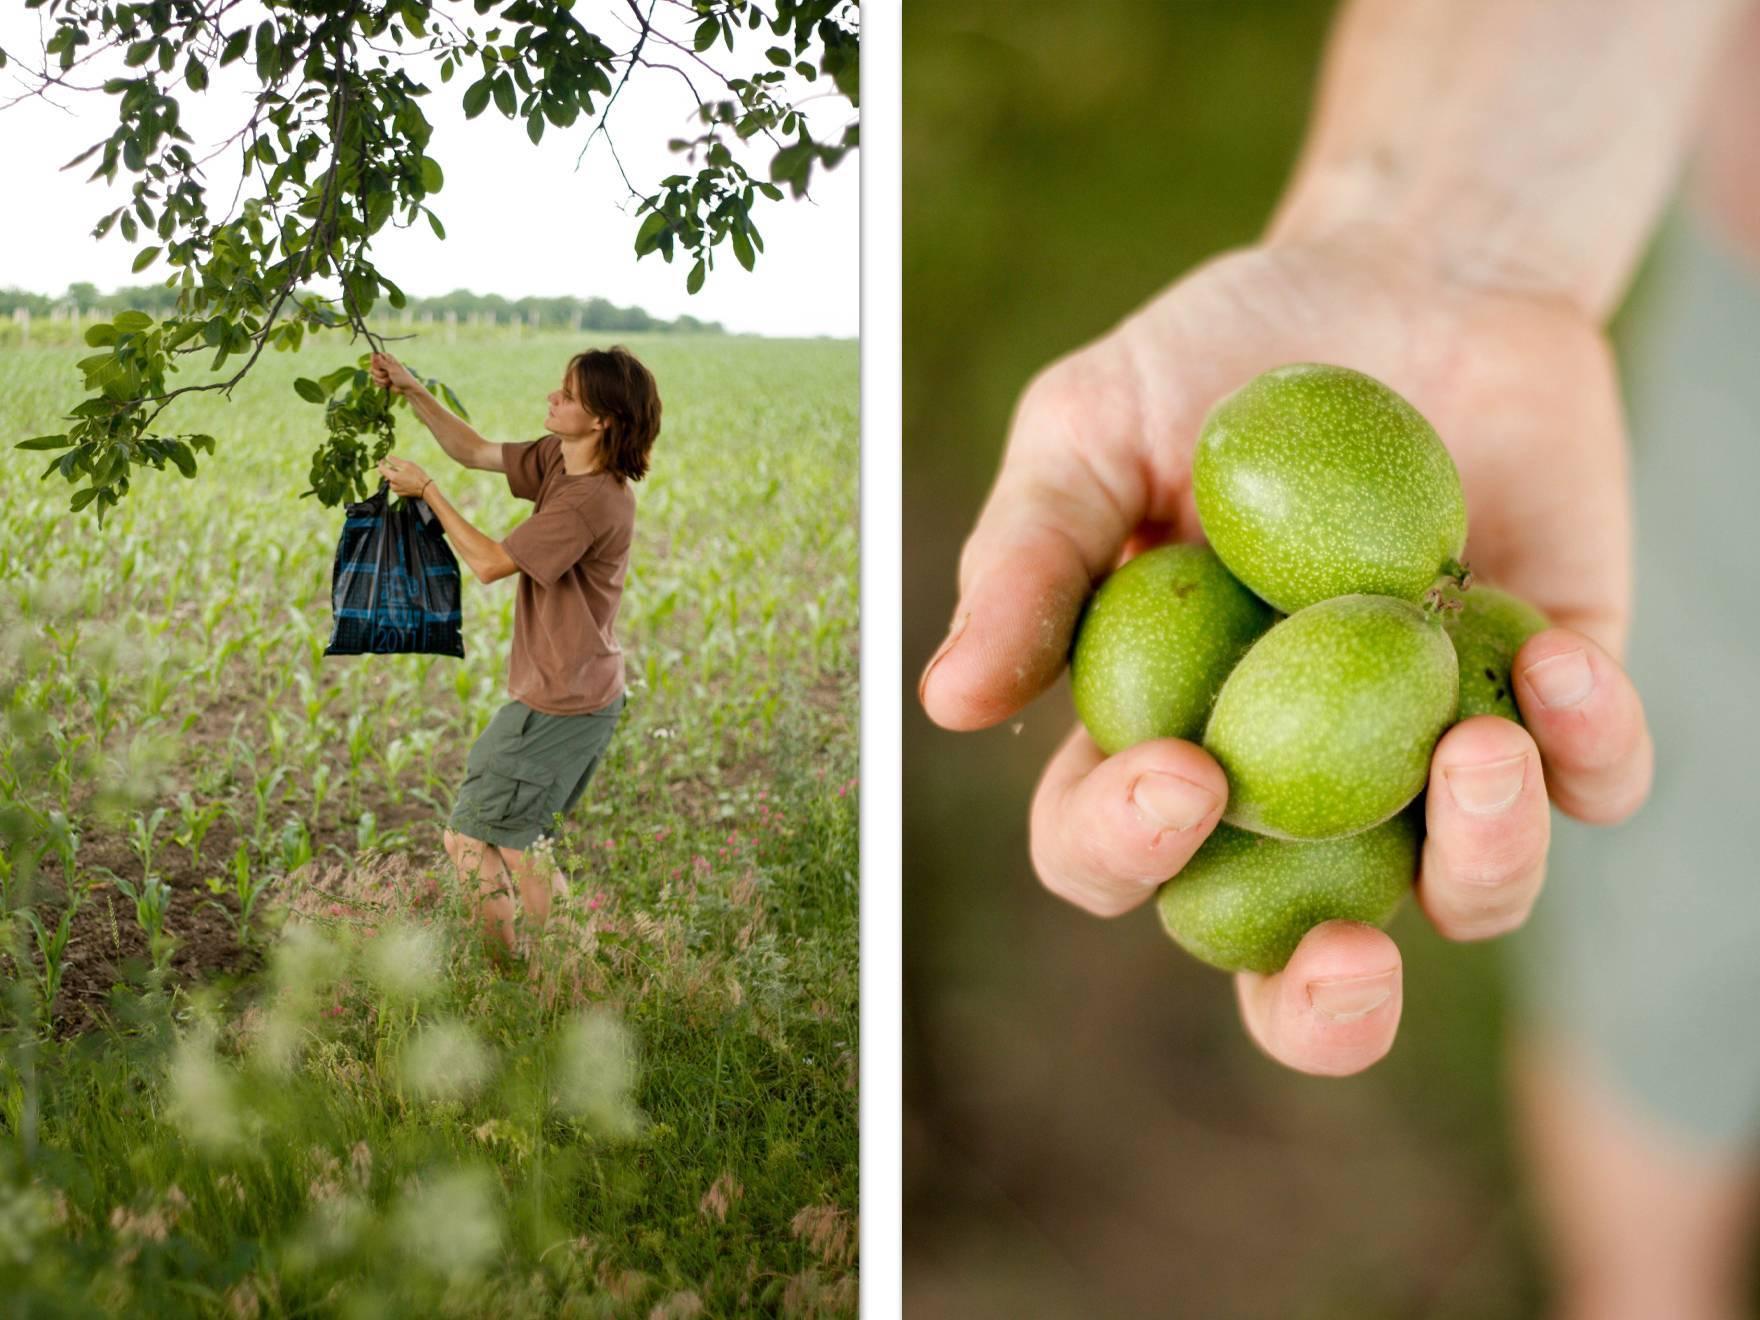 Почему грецкий орех сбрасывает плоды и как это предотвратить? Как использовать зеленые орешки?